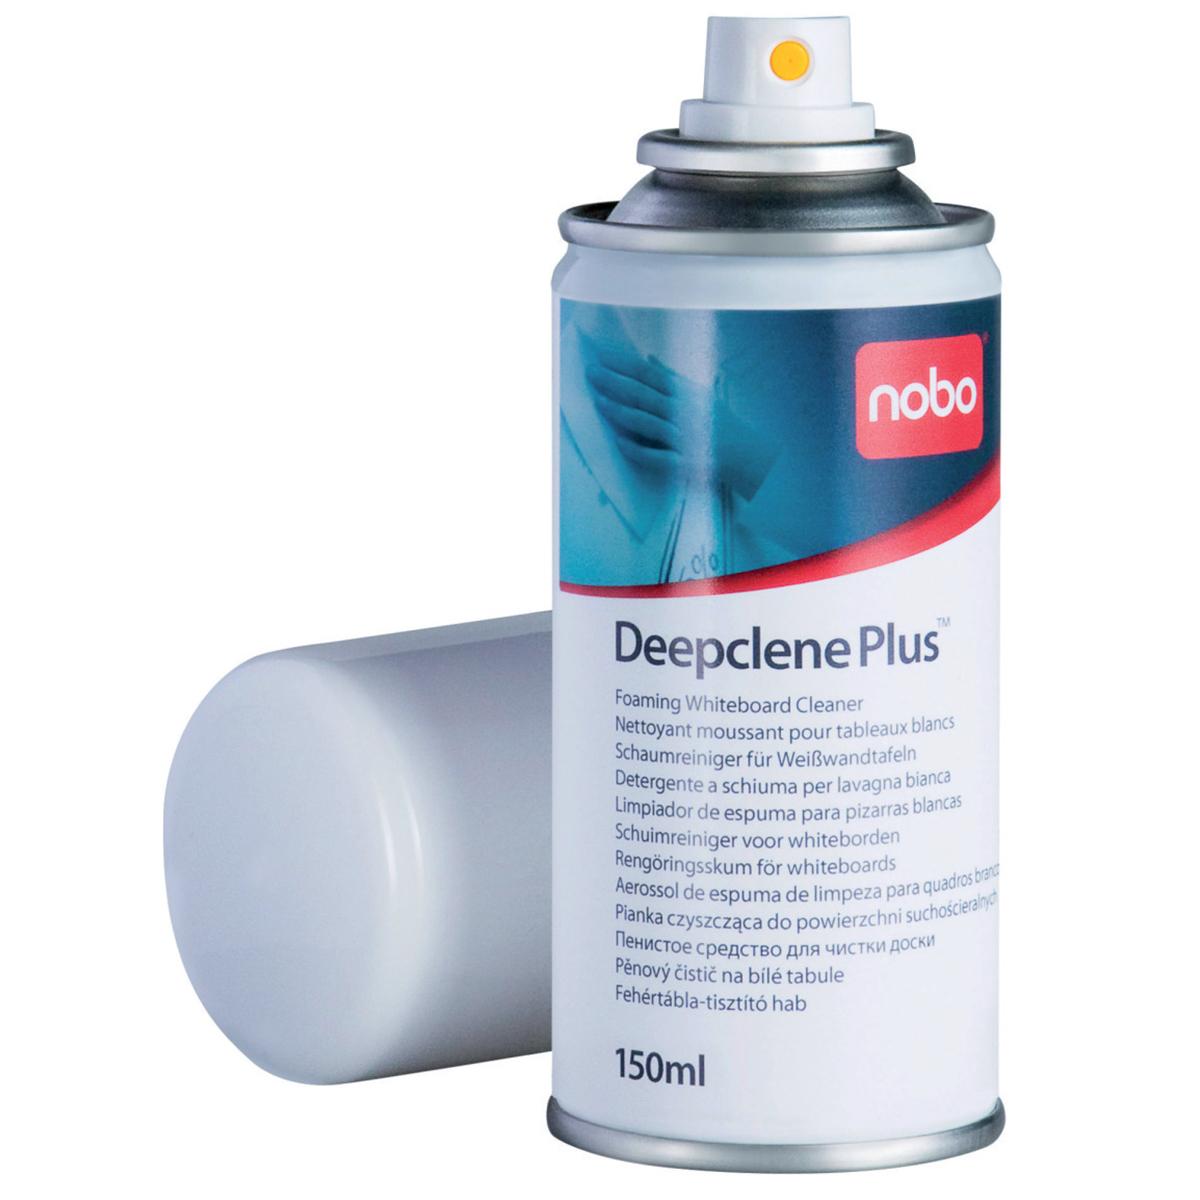 Nobo 34538408 Deepclene Plus Foaming Whiteboard Cleaner 150ml